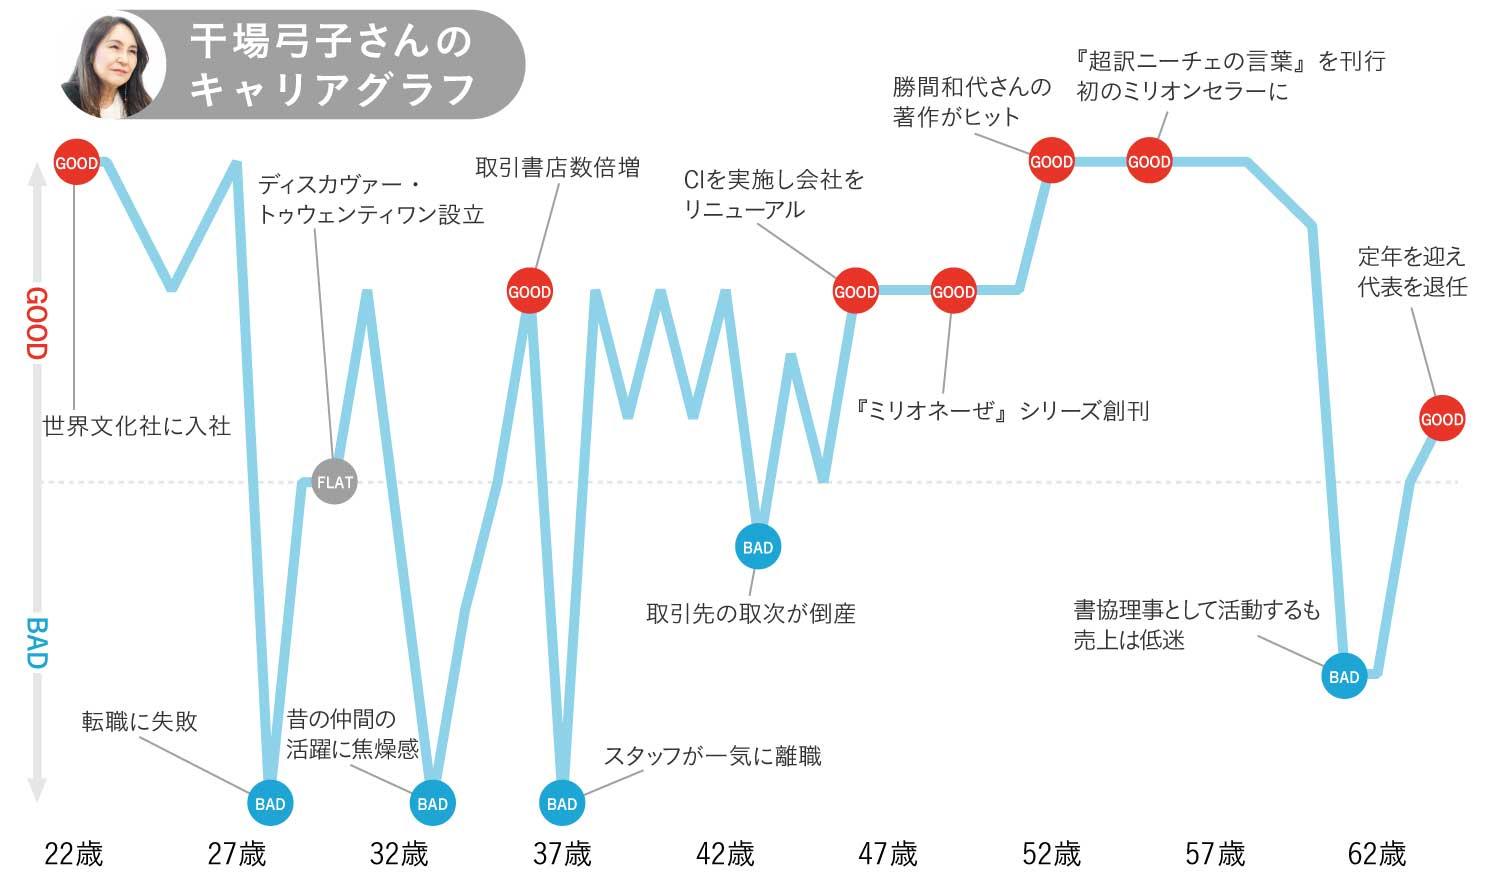 干場弓子さんのキャリアグラフ1